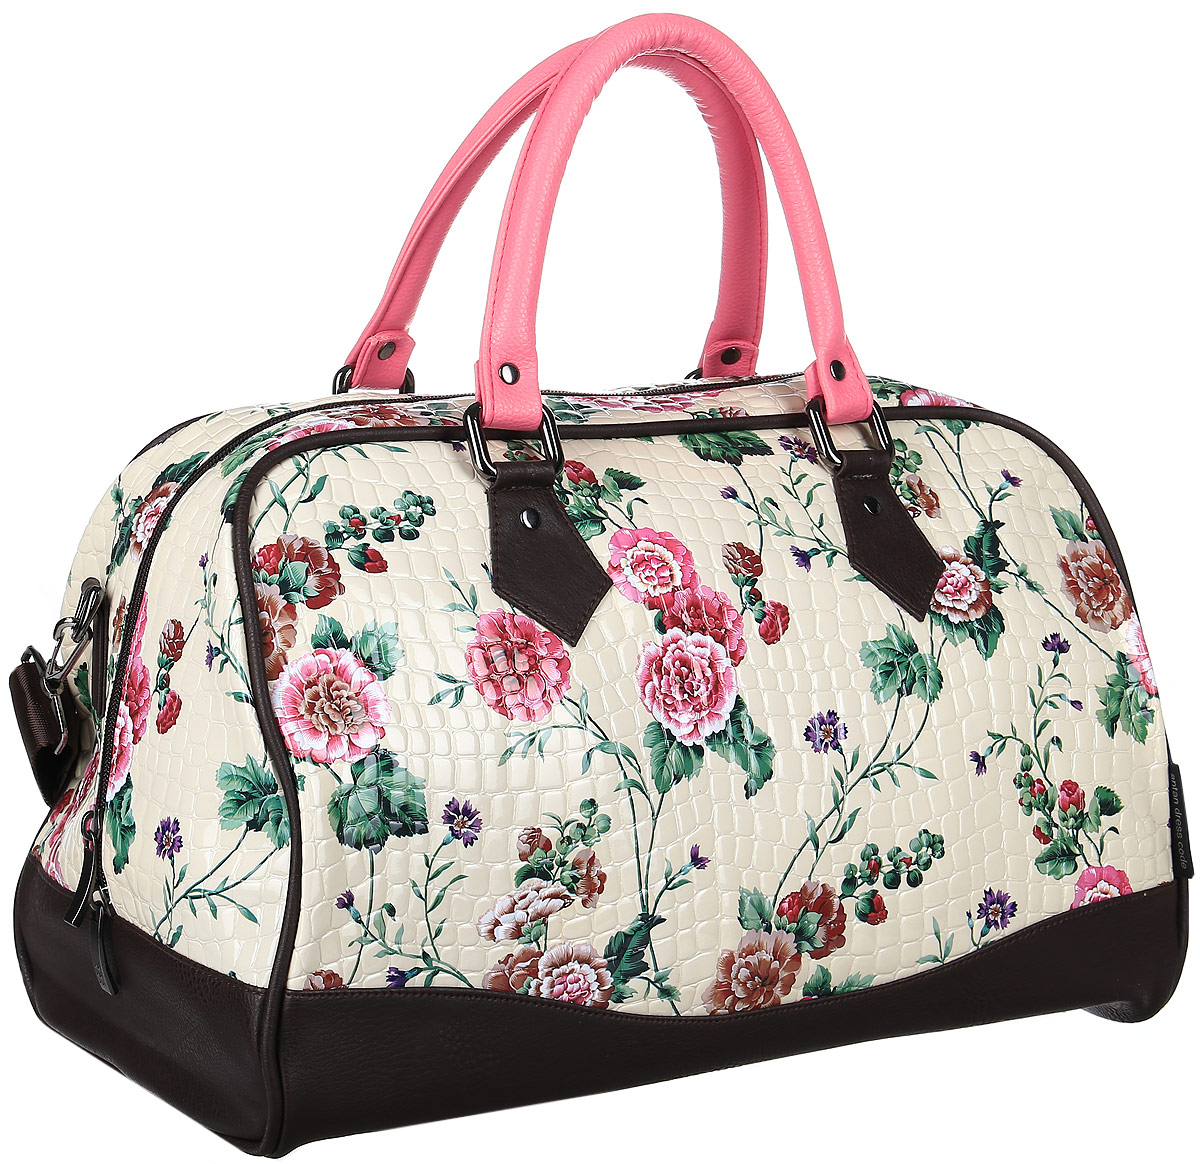 Сумка дорожная женская Аntan, цвет: бежевый, розовый. 4670018861526 - Дорожные сумки